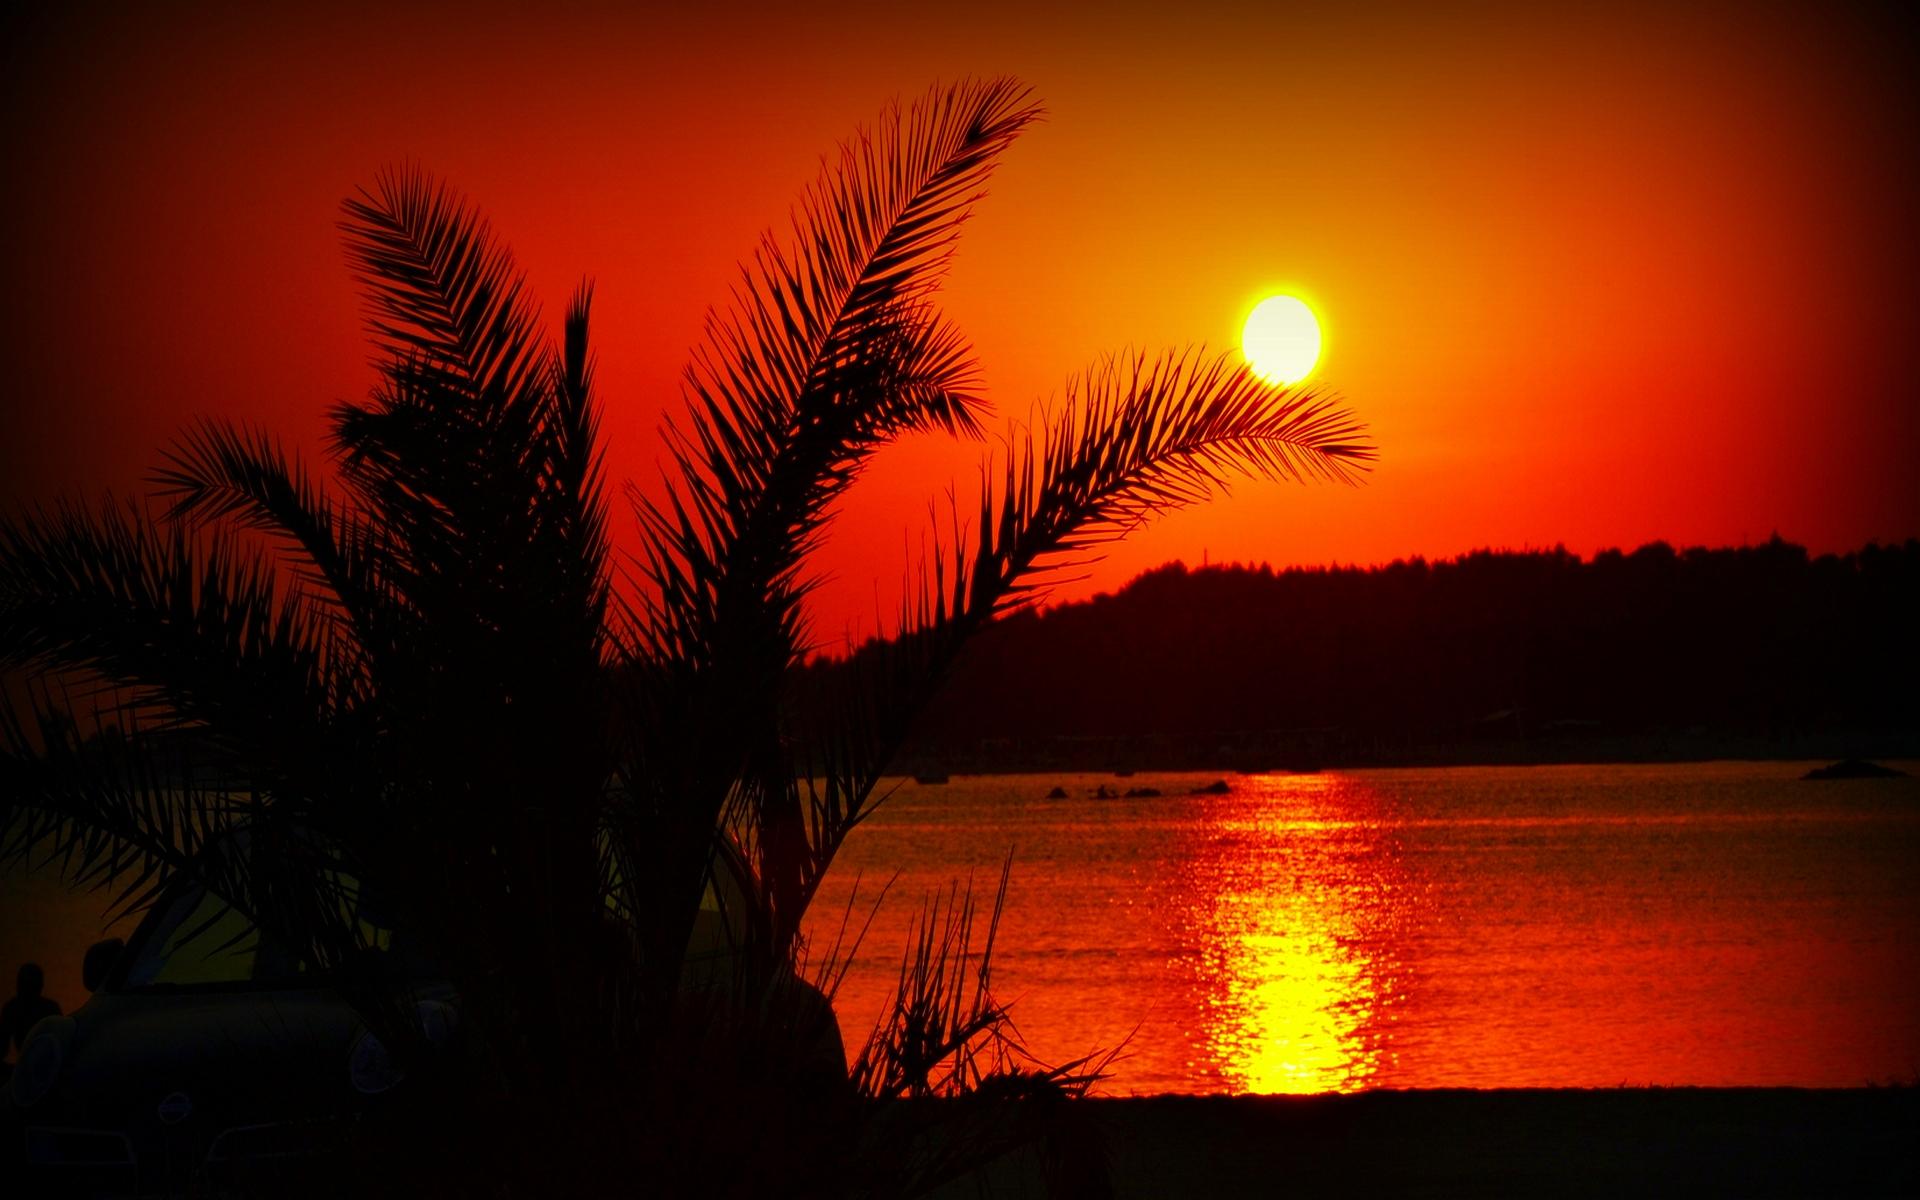 Summer Sunset Wallpapers Summer Sunset Backgrounds 2508029